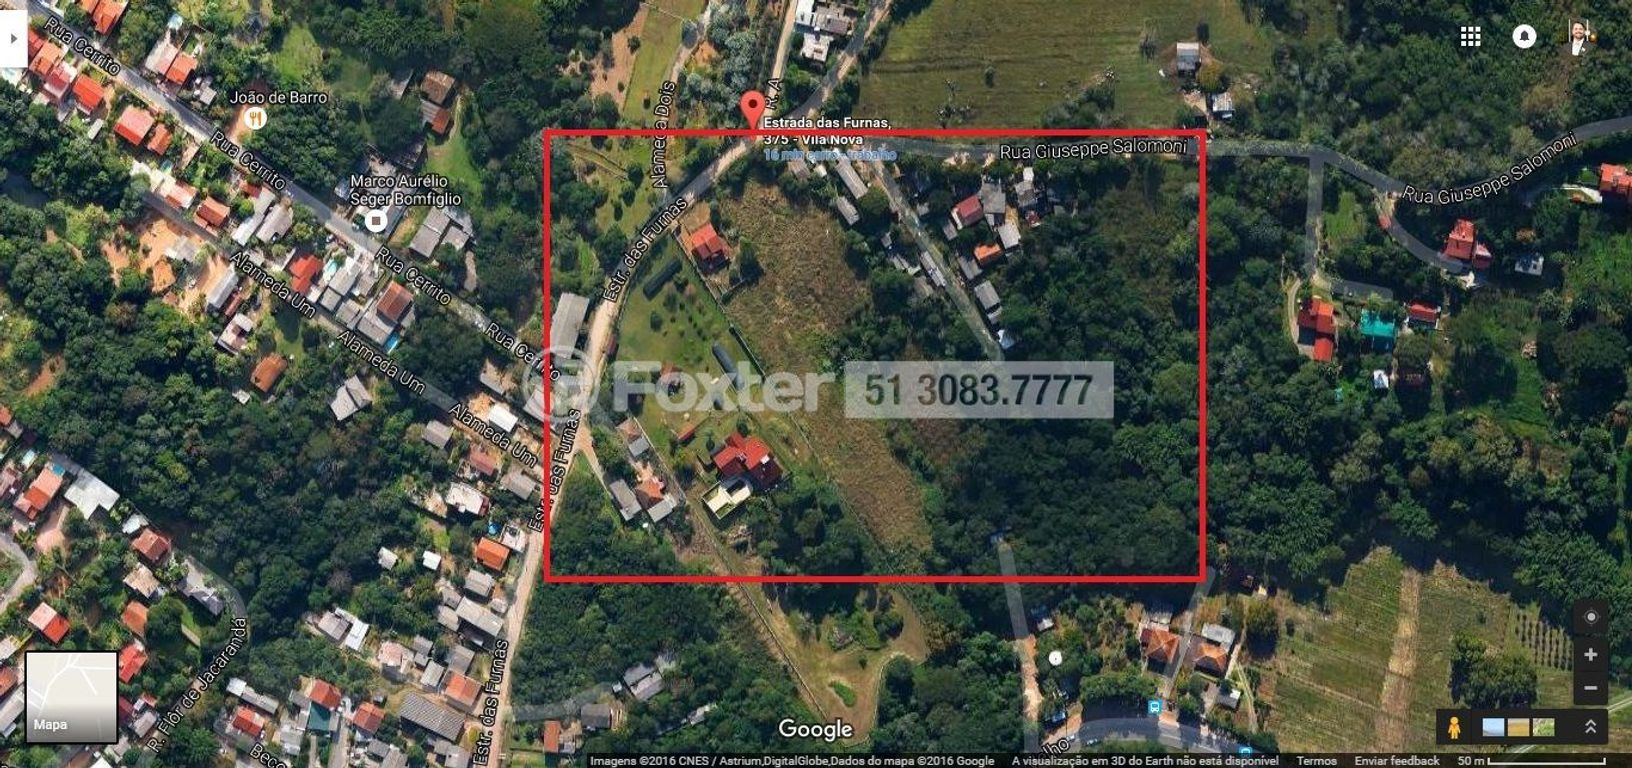 Foxter Imobiliária - Terreno 4 Dorm, Vila Nova